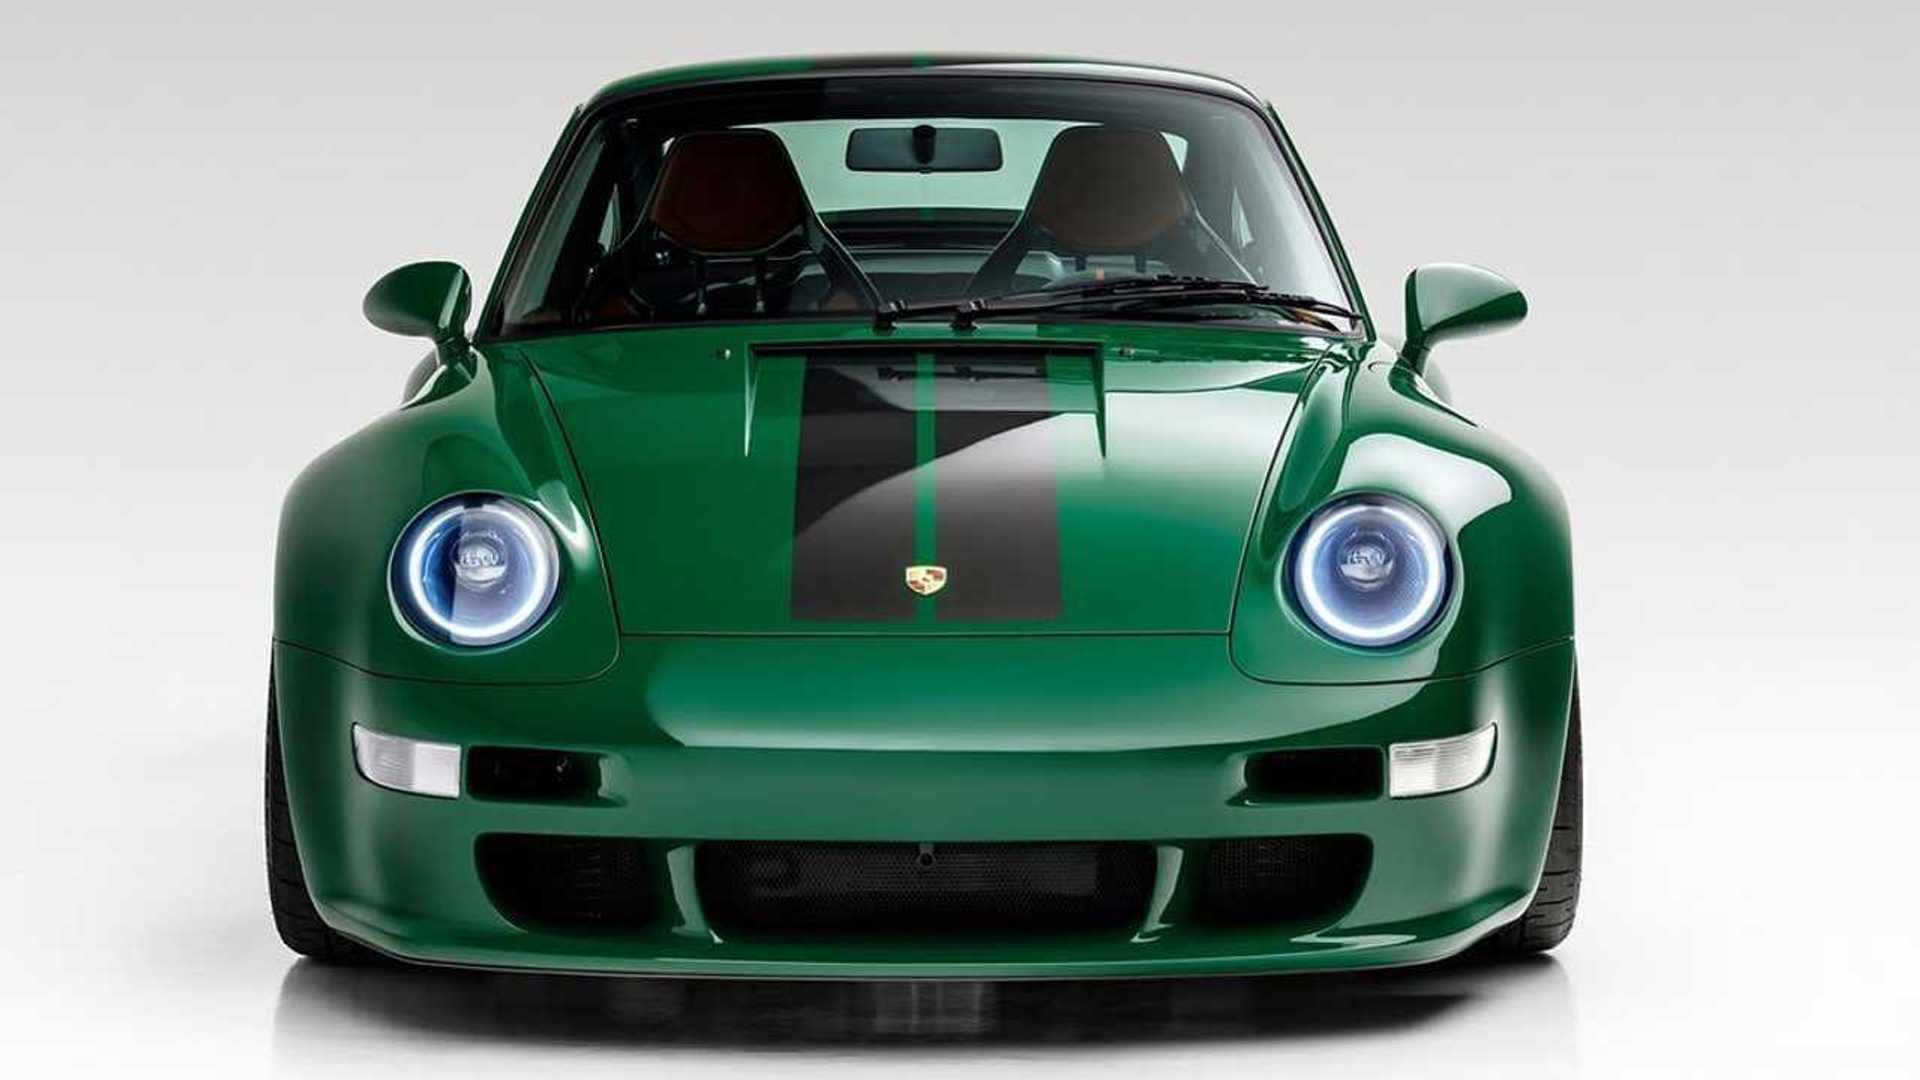 Ирландский зеленый Porsche 911 от Гюнтера Веркса идеально подходит для Халка